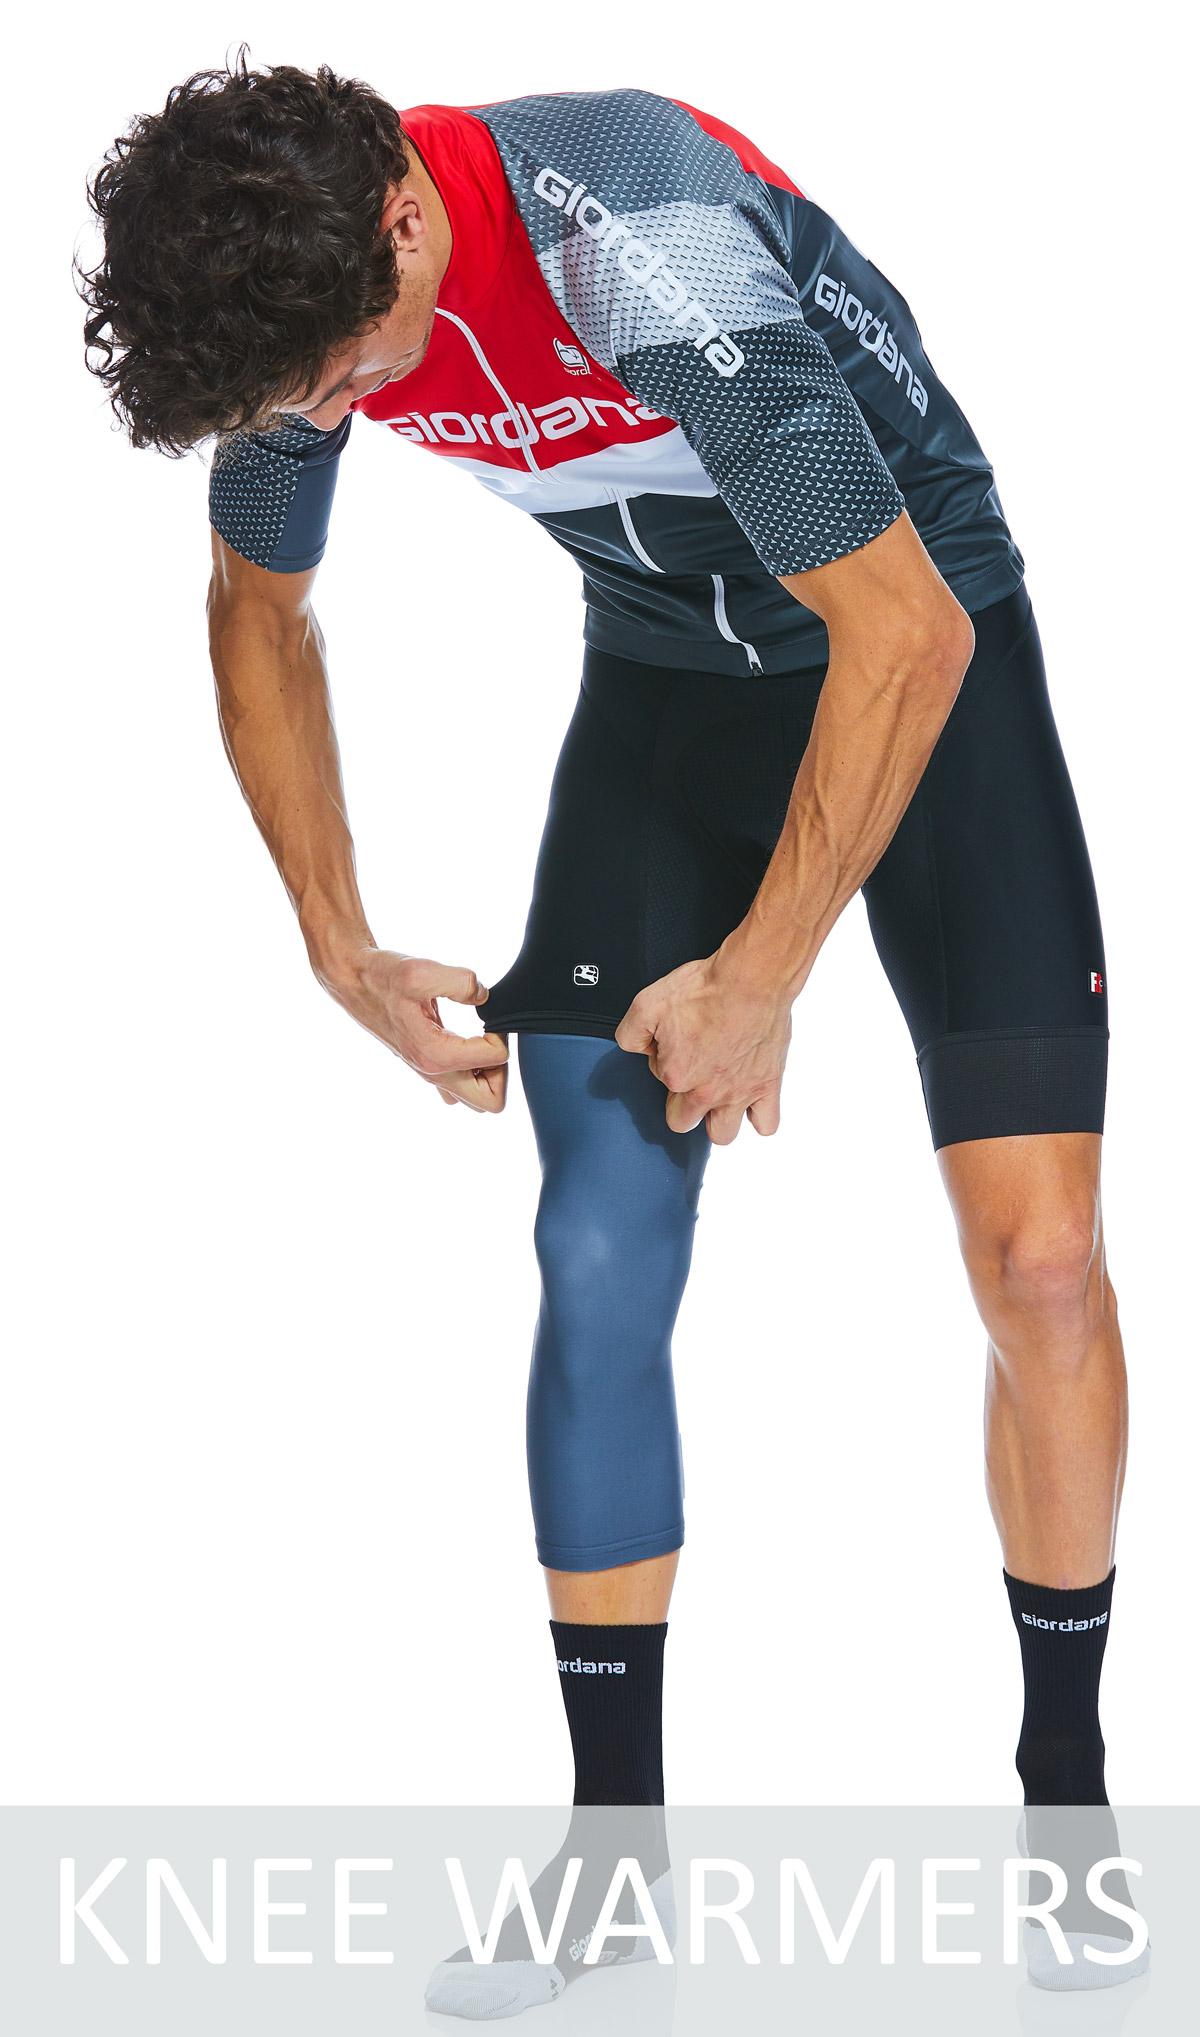 Knee-Warmers.jpg